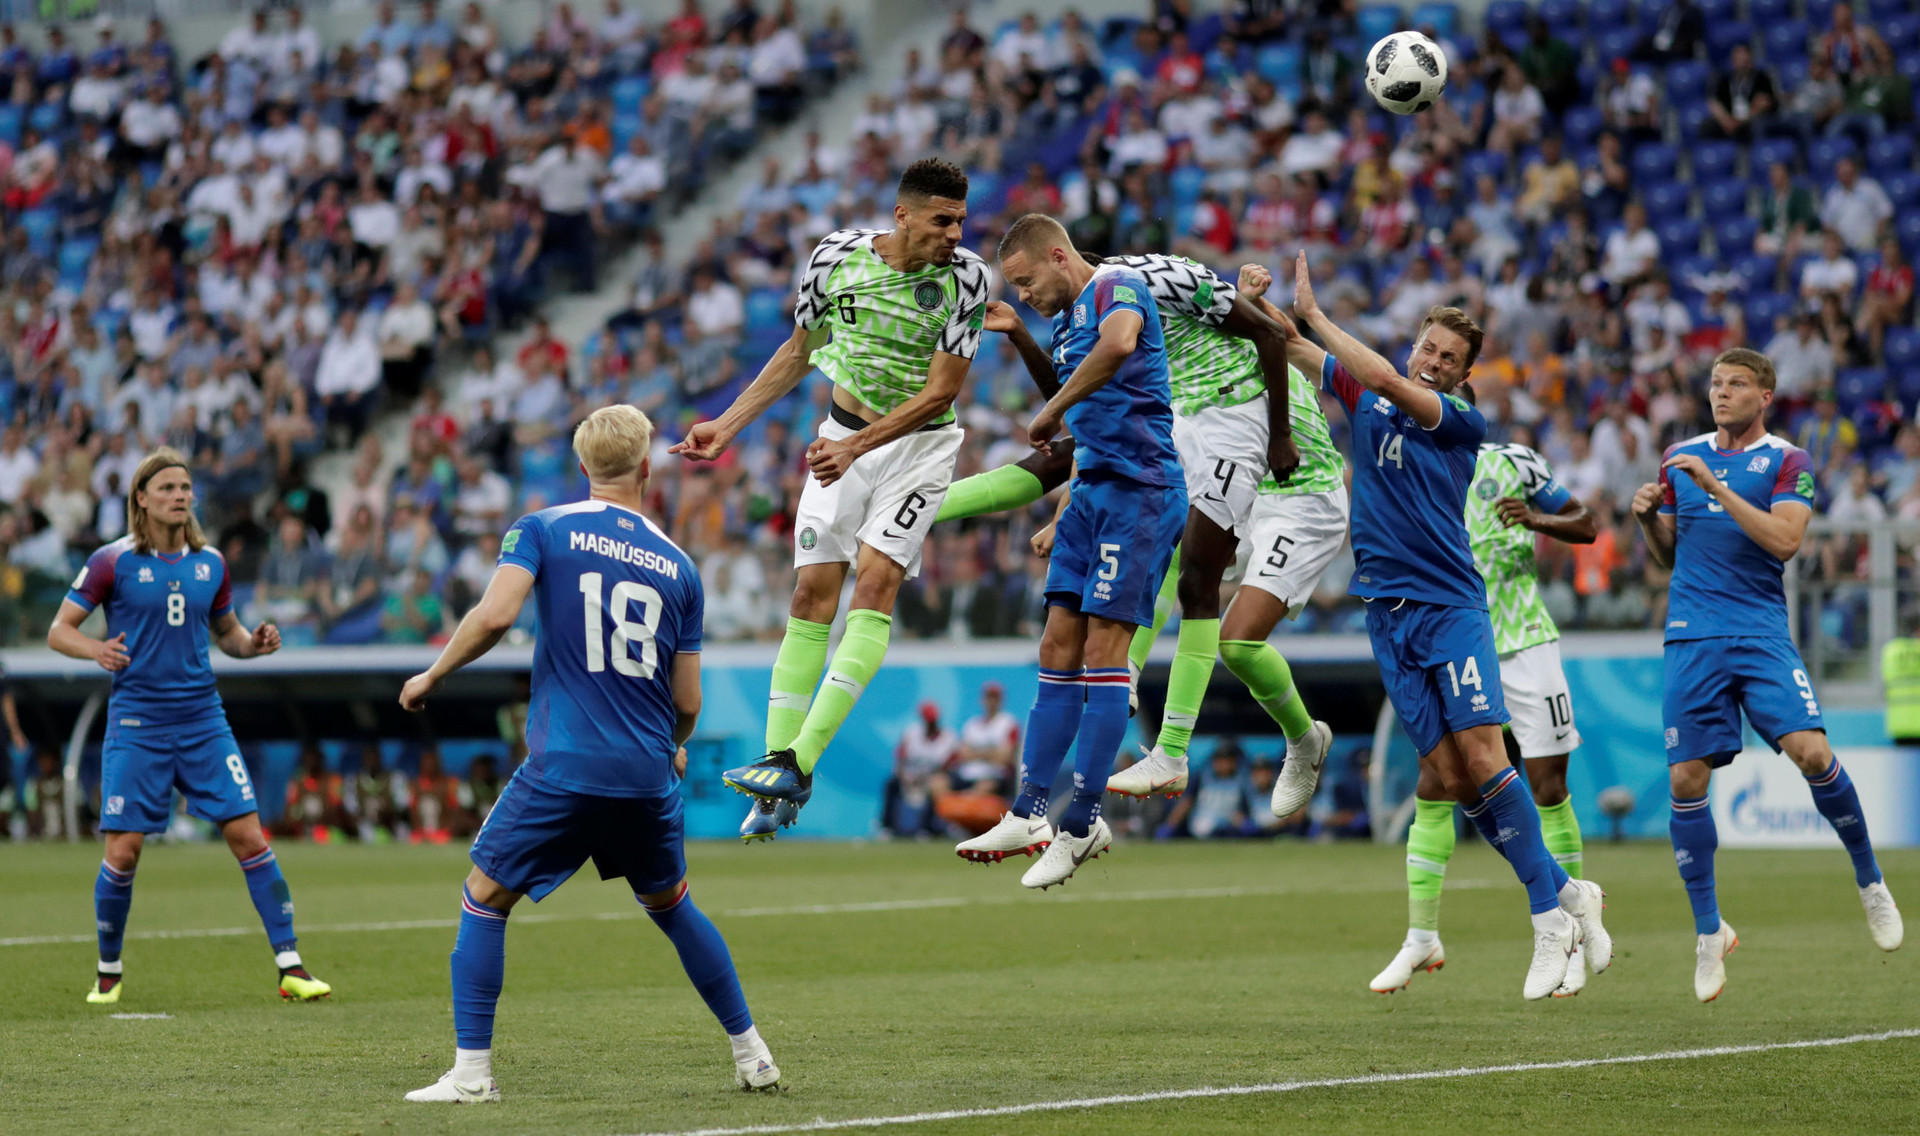 Todo sobre la copa del mundo Rusia 2018 - Página 2 5b2d2ad608f3d96a128b4574